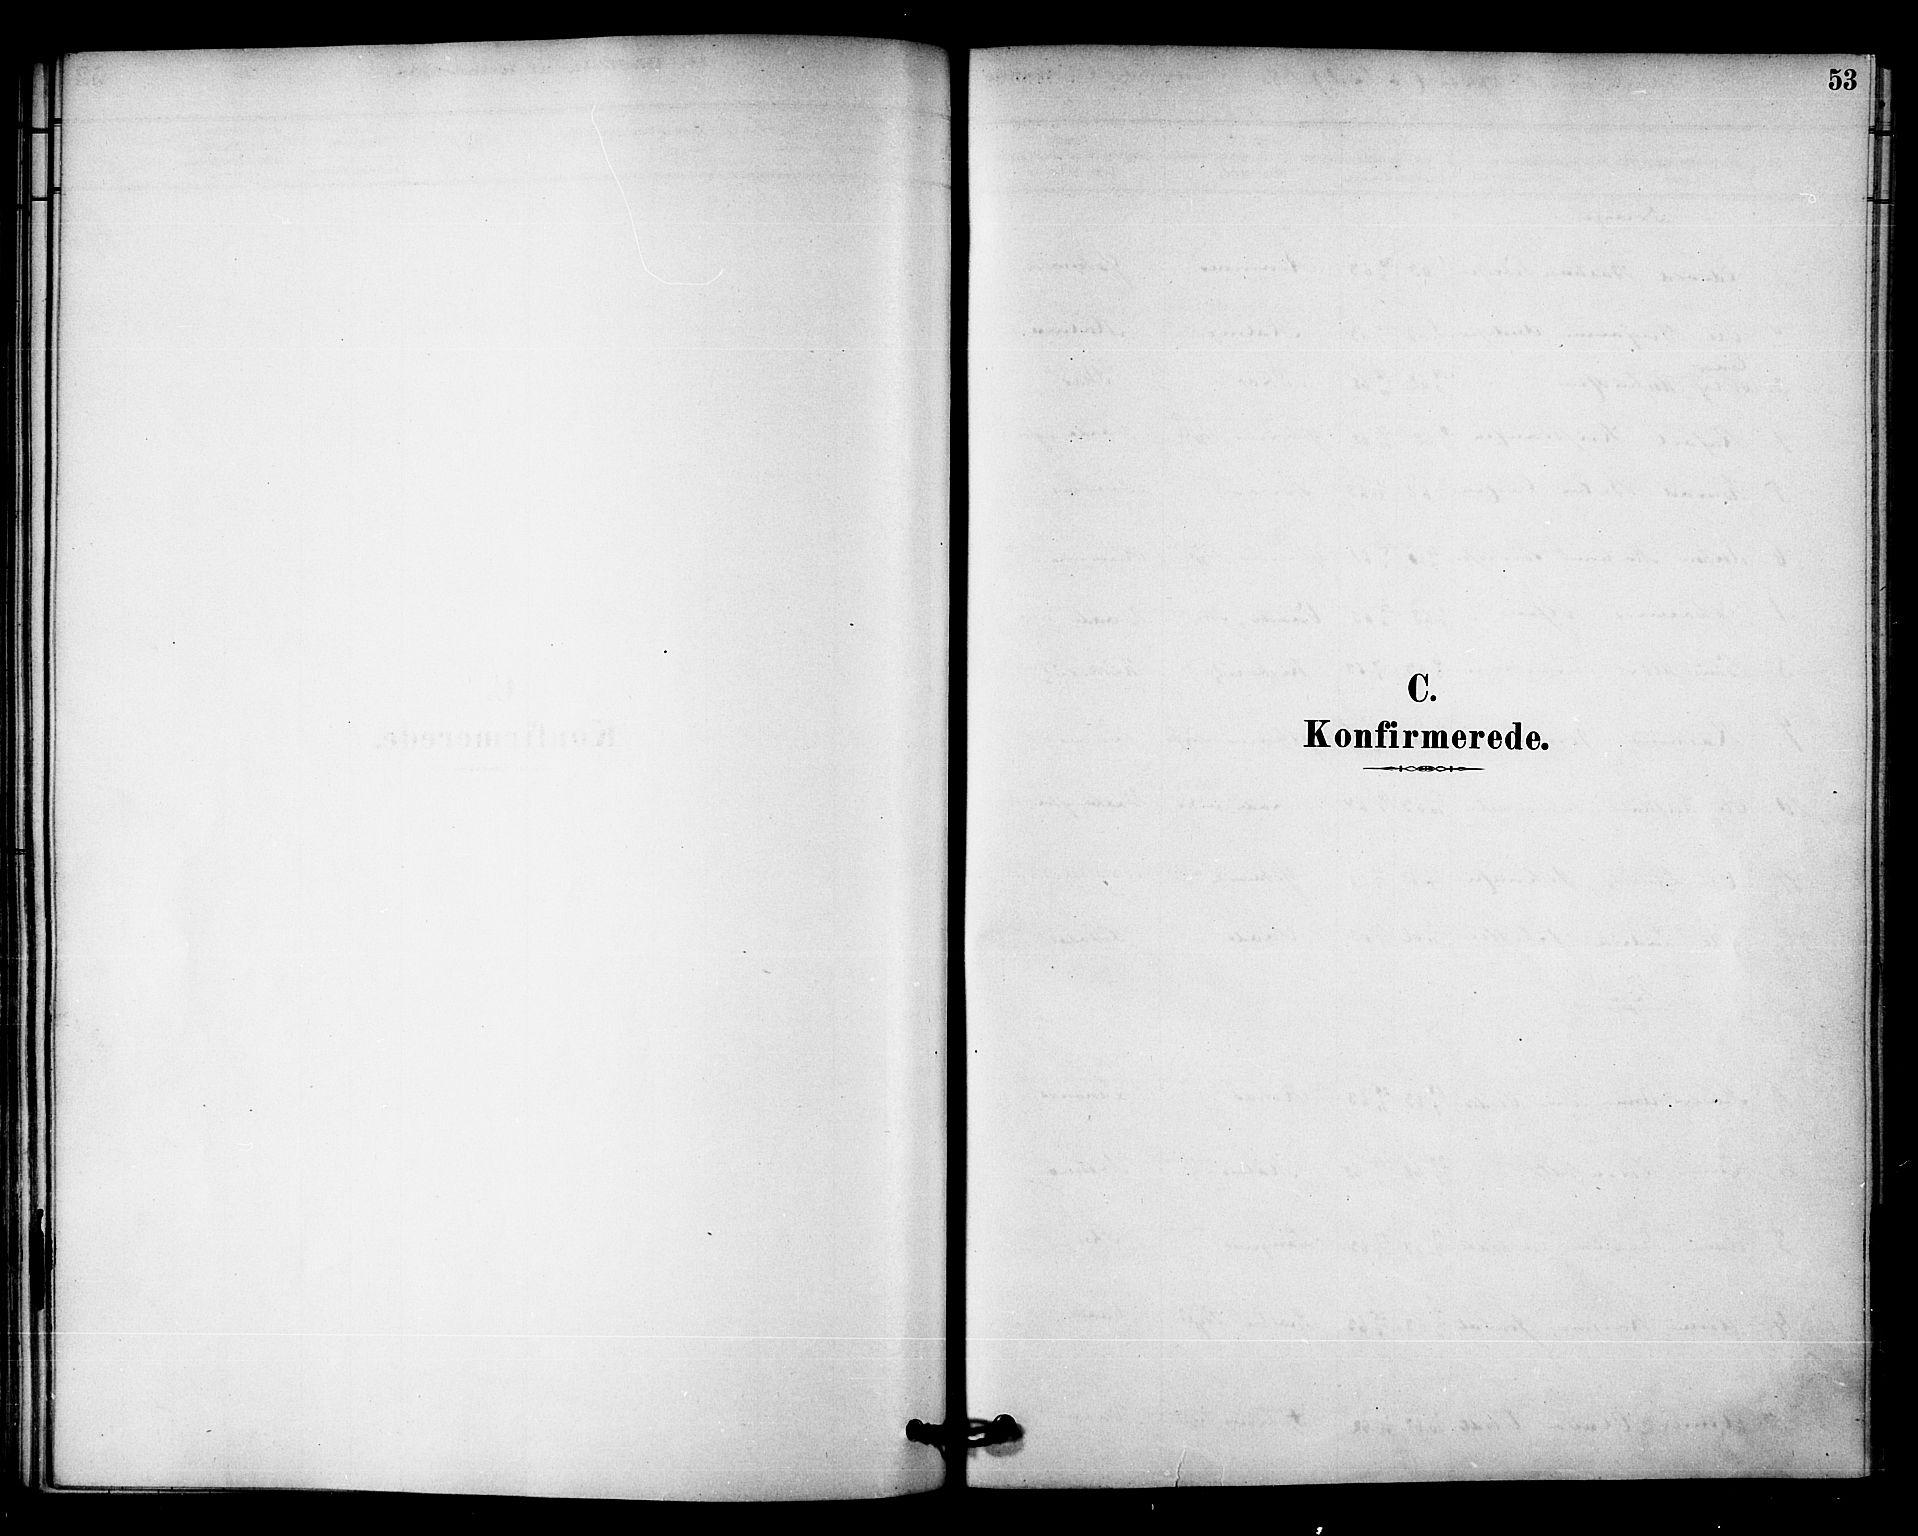 SAT, Ministerialprotokoller, klokkerbøker og fødselsregistre - Nord-Trøndelag, 745/L0429: Ministerialbok nr. 745A01, 1878-1894, s. 53